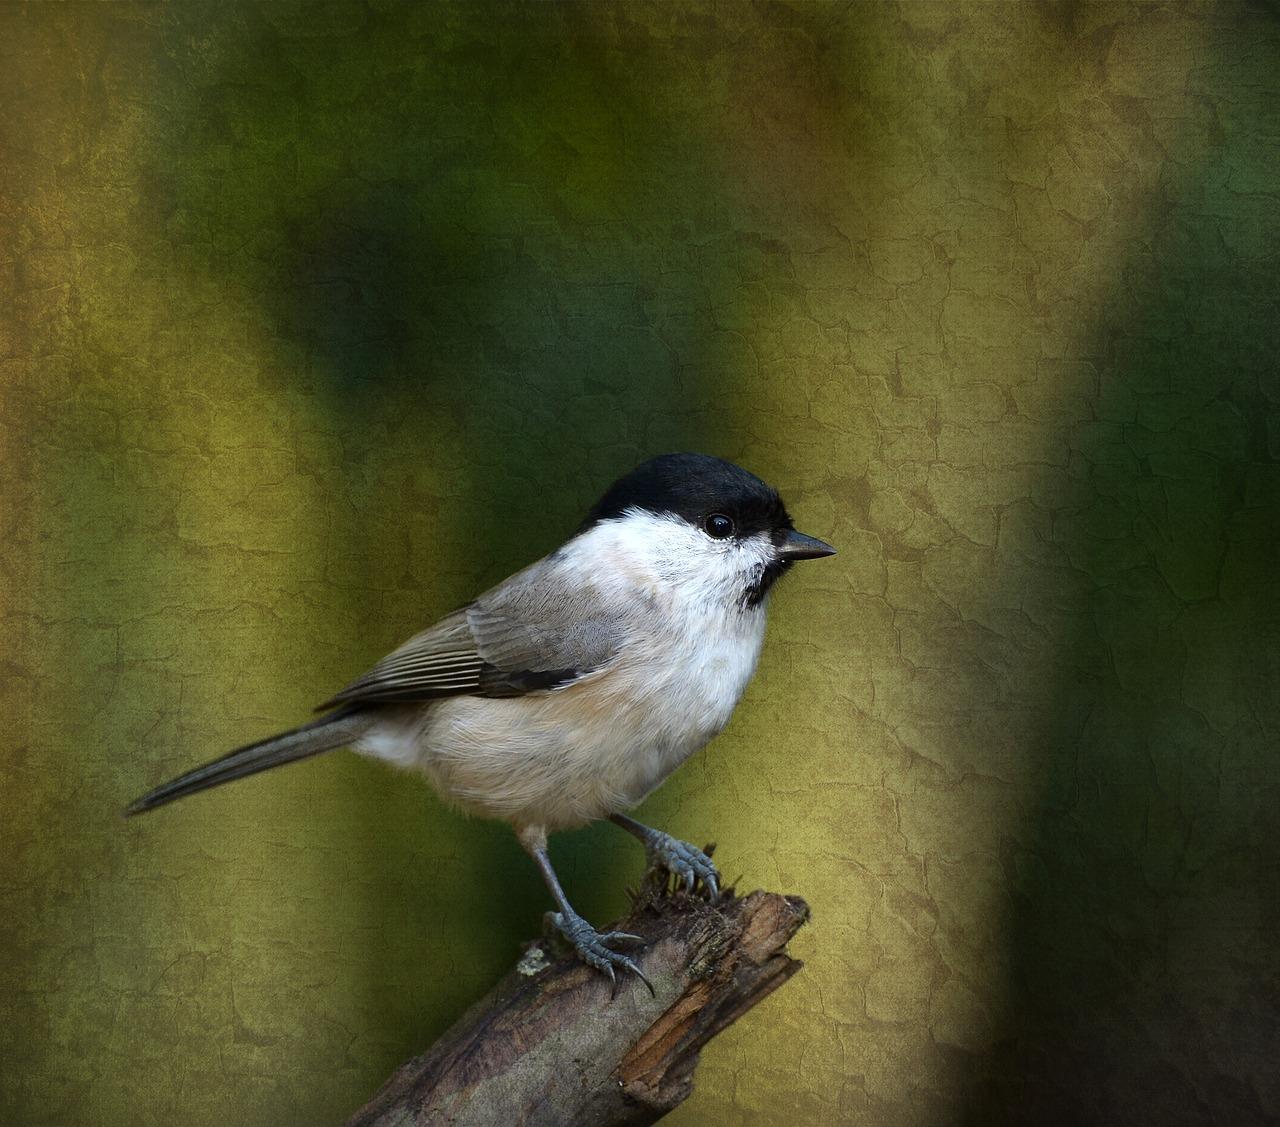 Marsh tit,tit,bird,garden,songbird.